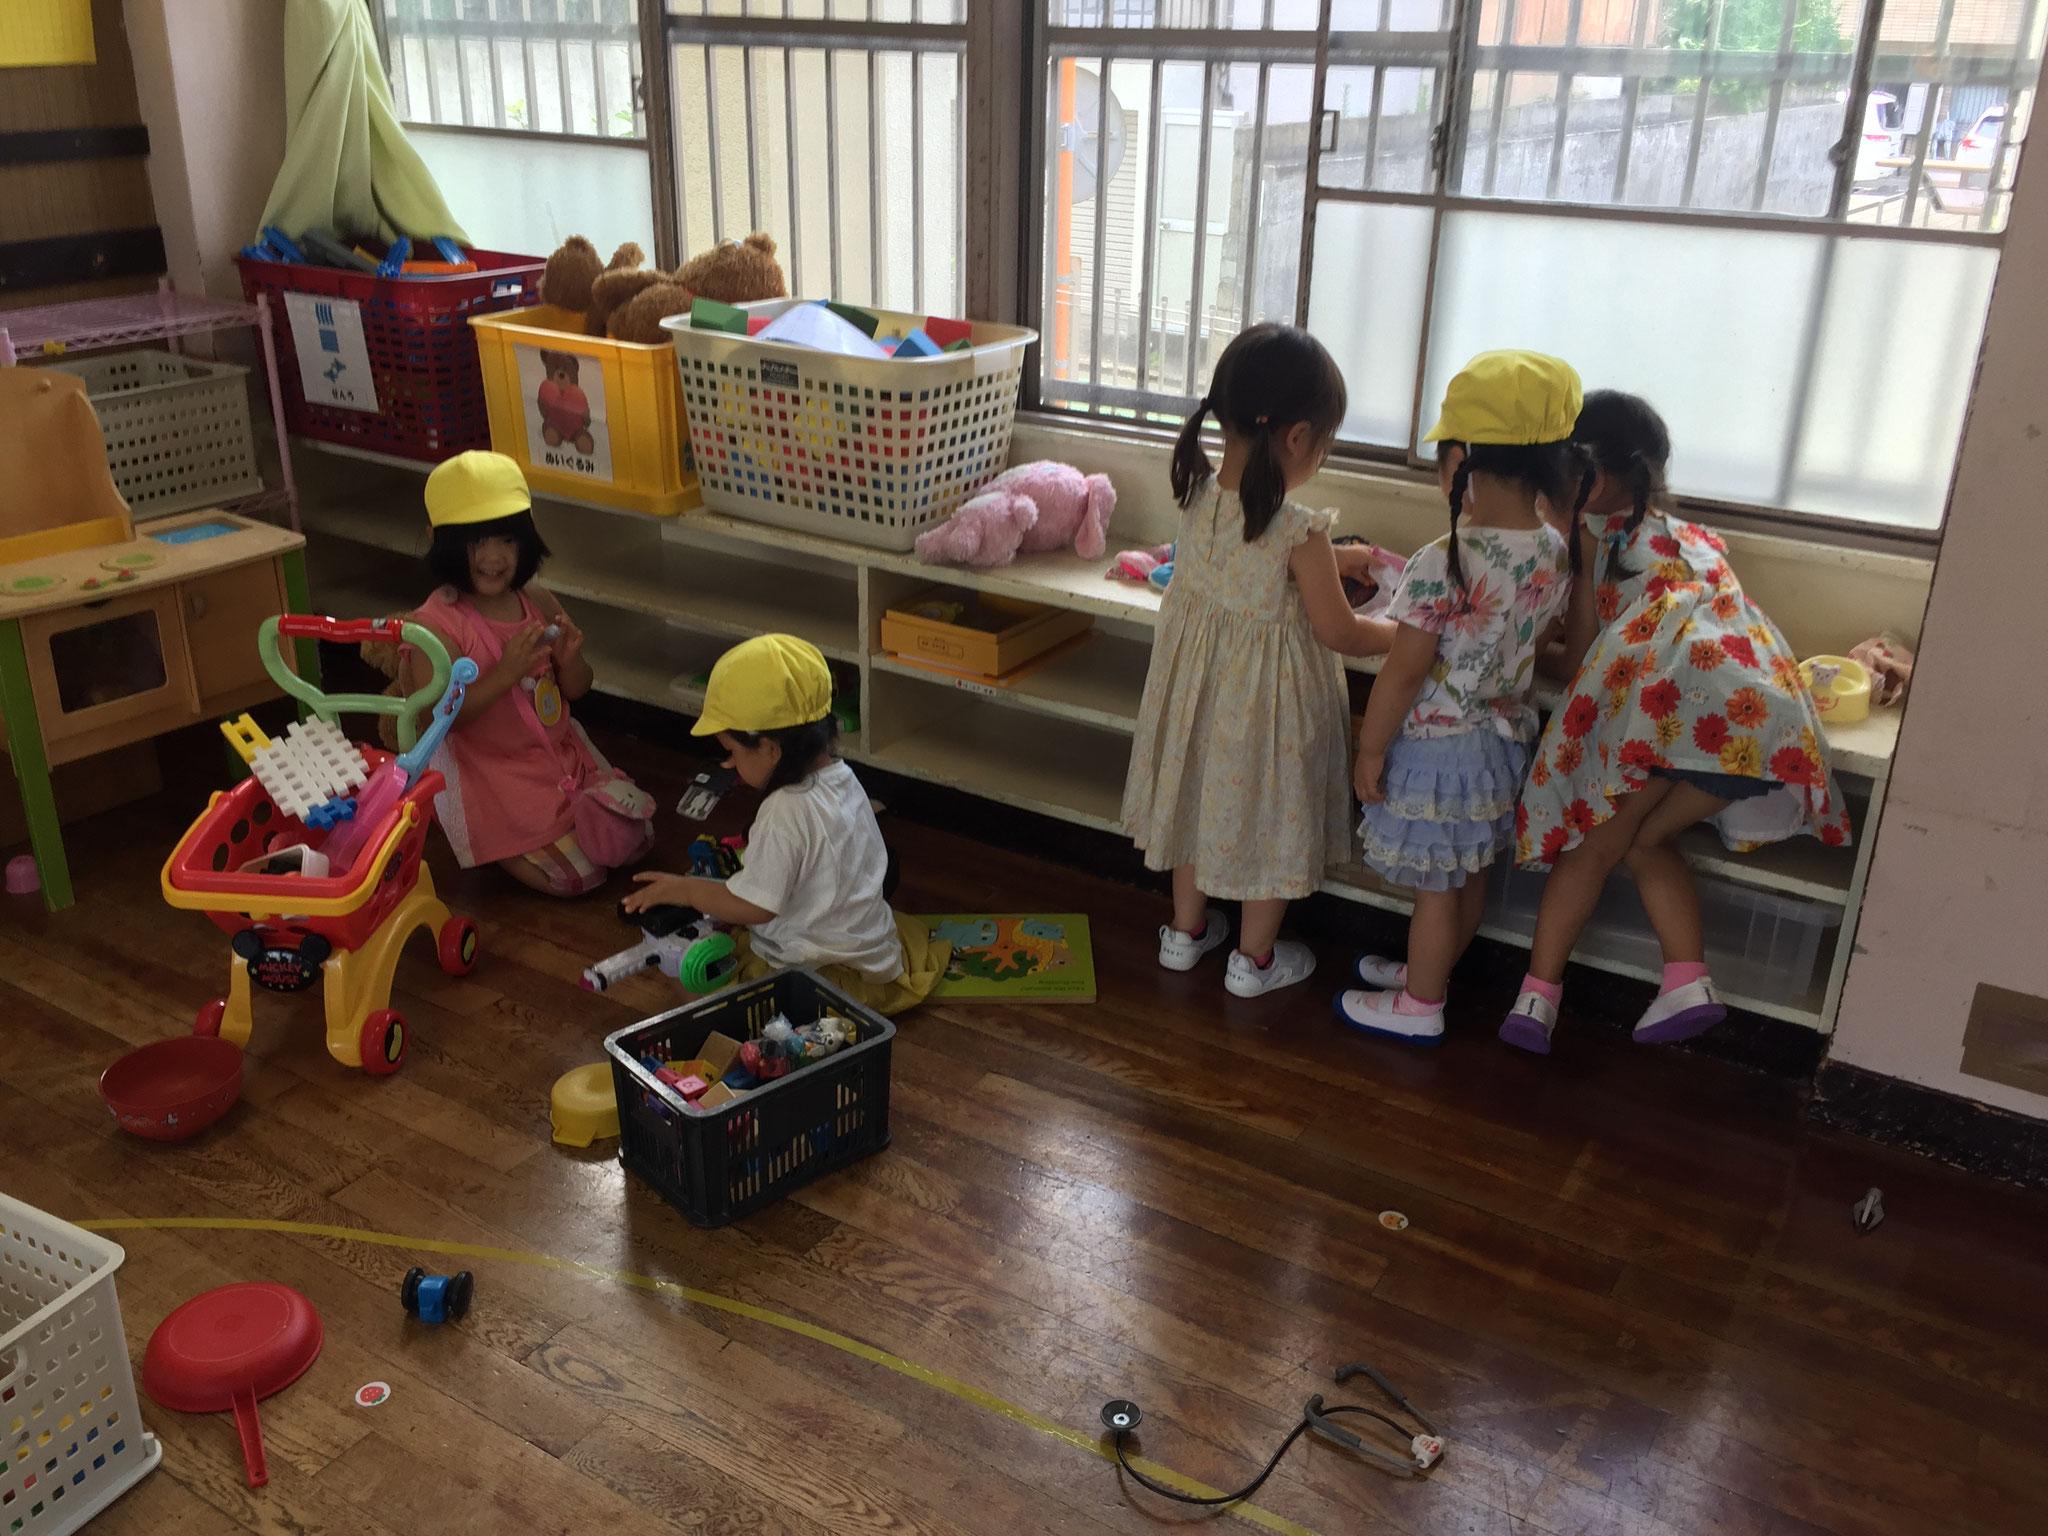 みんなグループになって遊んでいます。